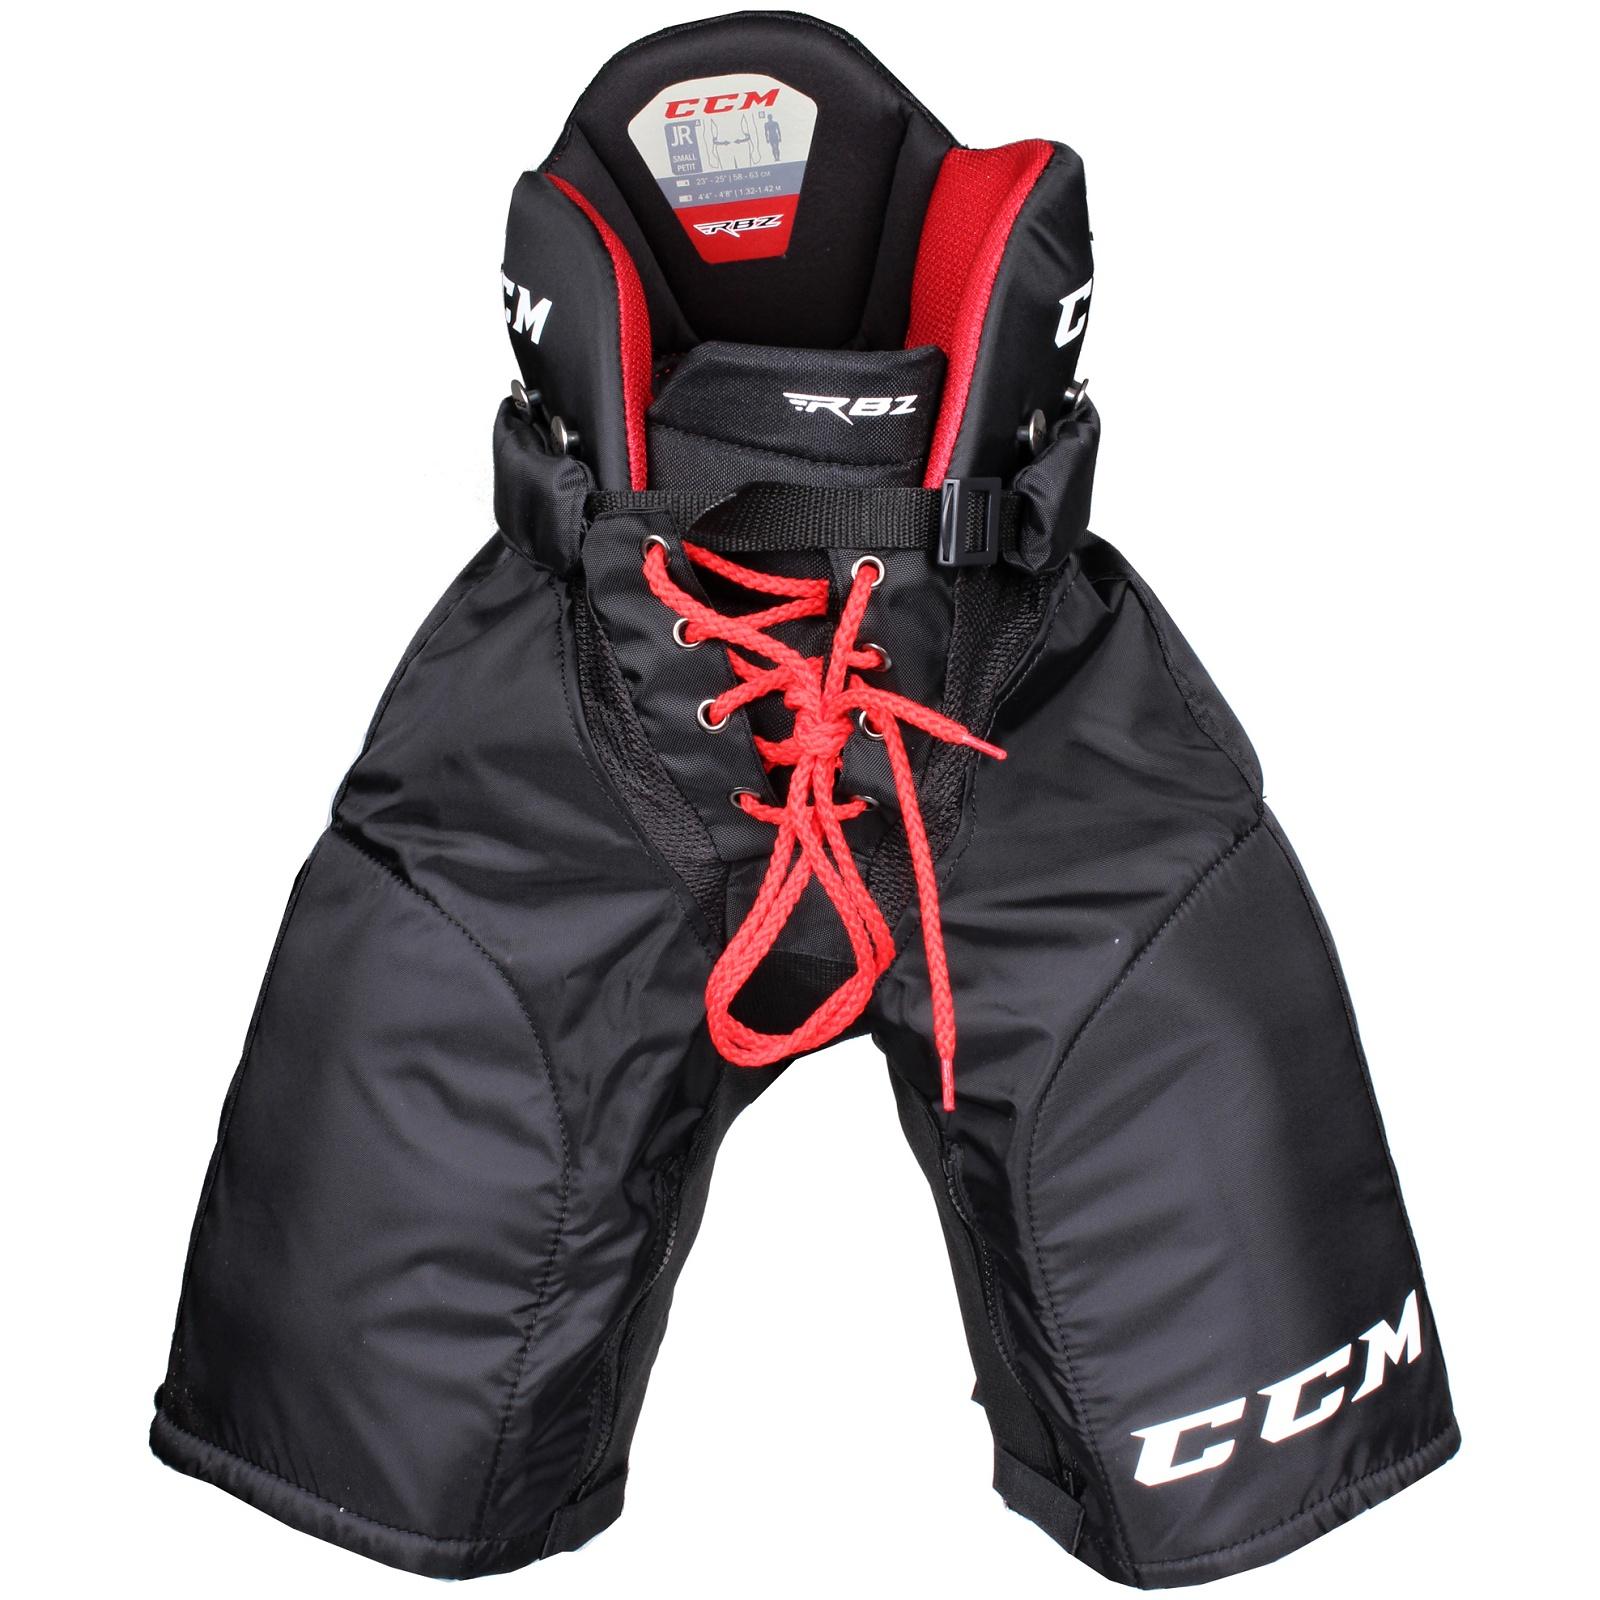 Kalhoty hráčské CCM RBZ 110 junior černé